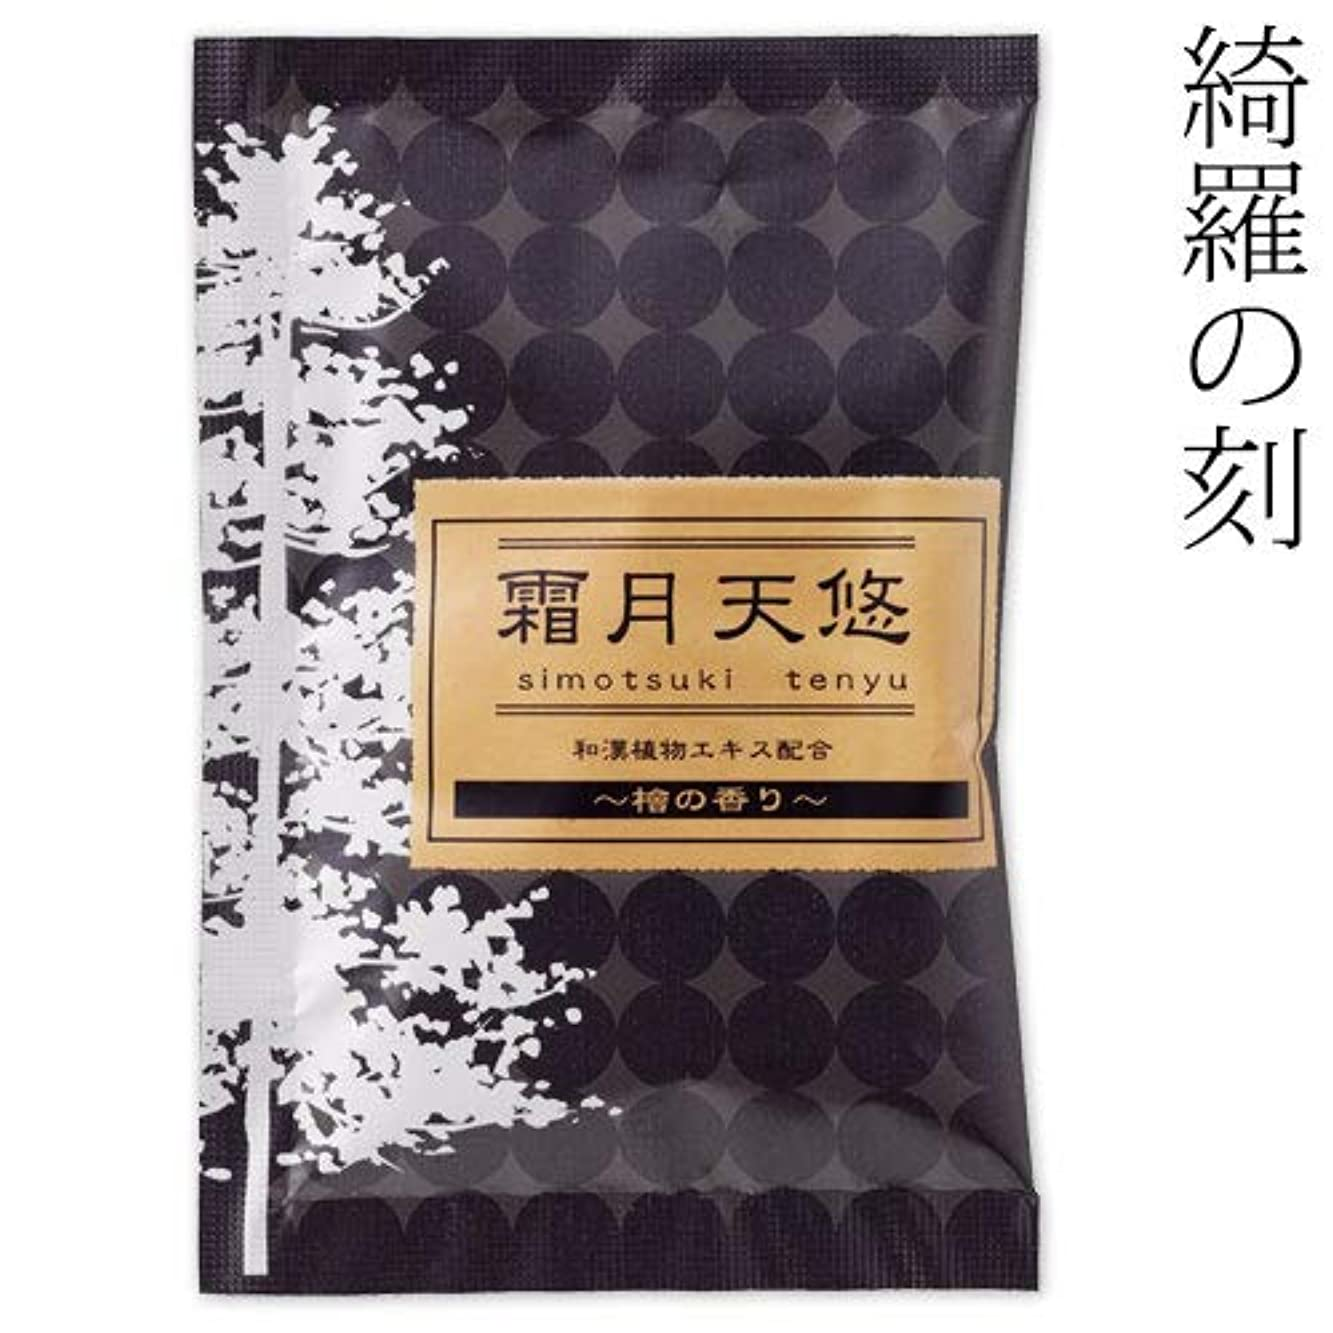 盗難皿時々入浴剤綺羅の刻檜の香り霜月天悠1包石川県のお風呂グッズBath additive, Ishikawa craft